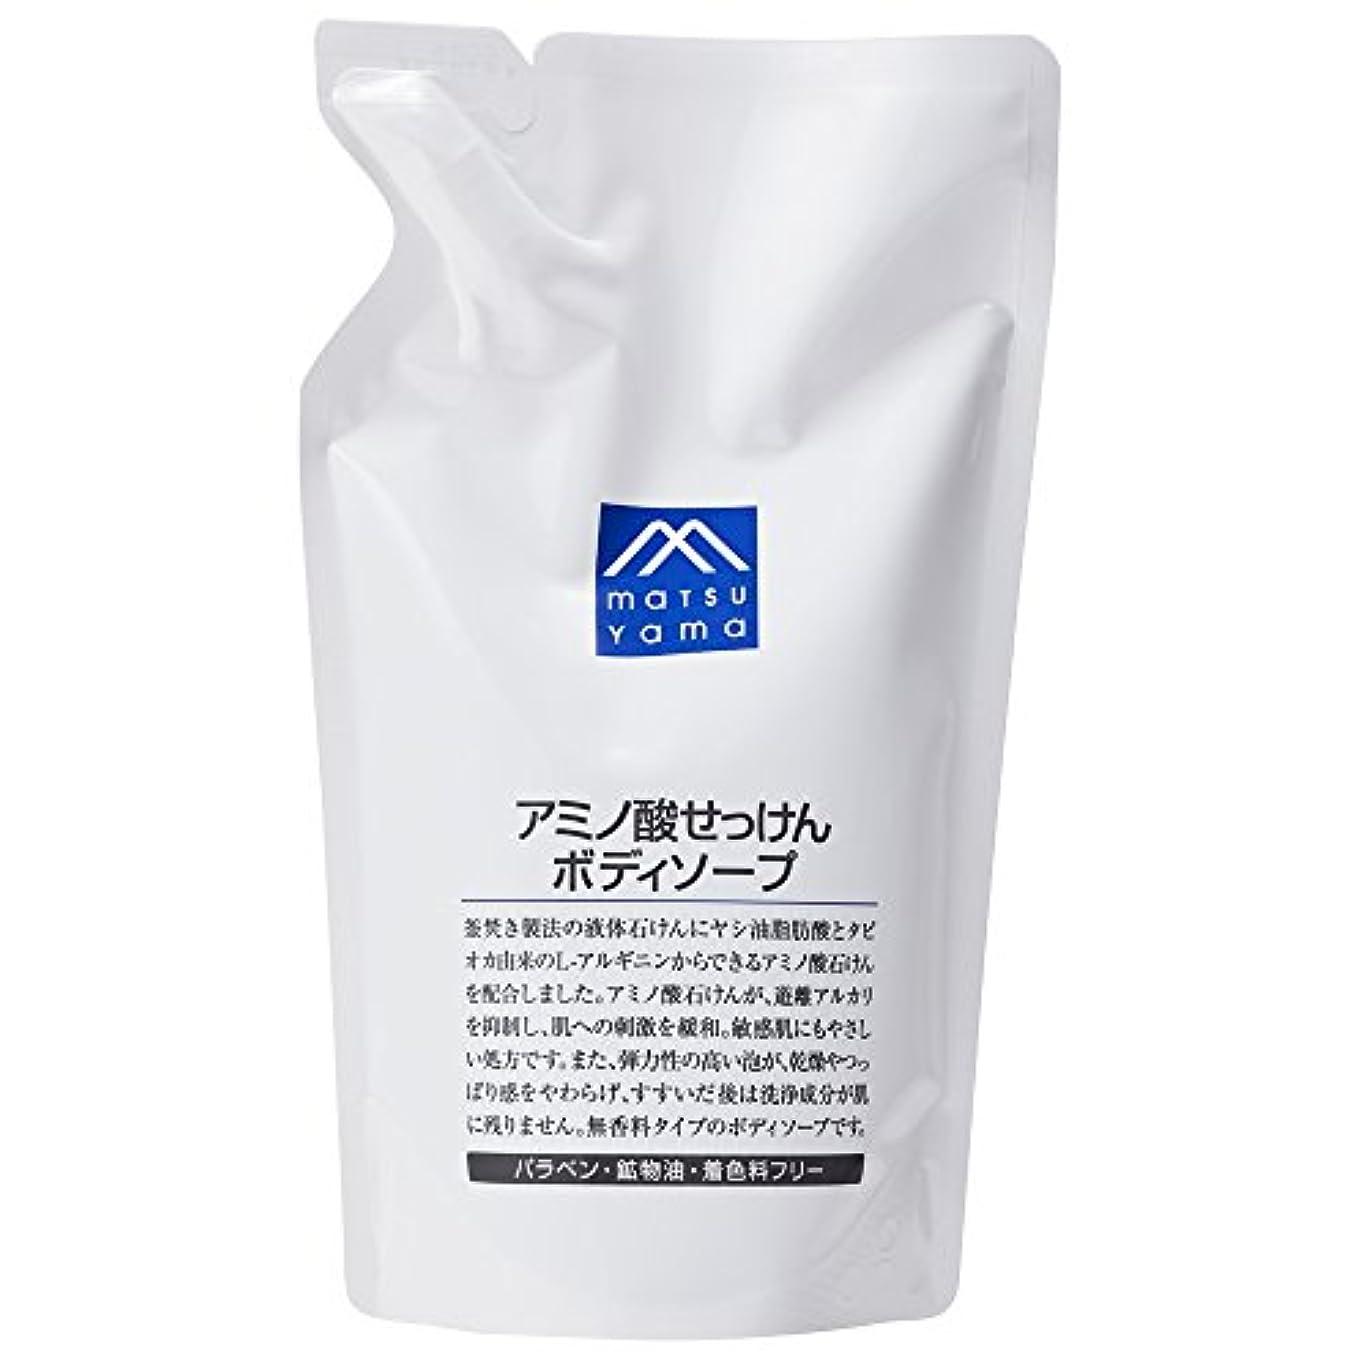 田舎以内に粘土M-mark アミノ酸せっけんボディソープ 詰替用